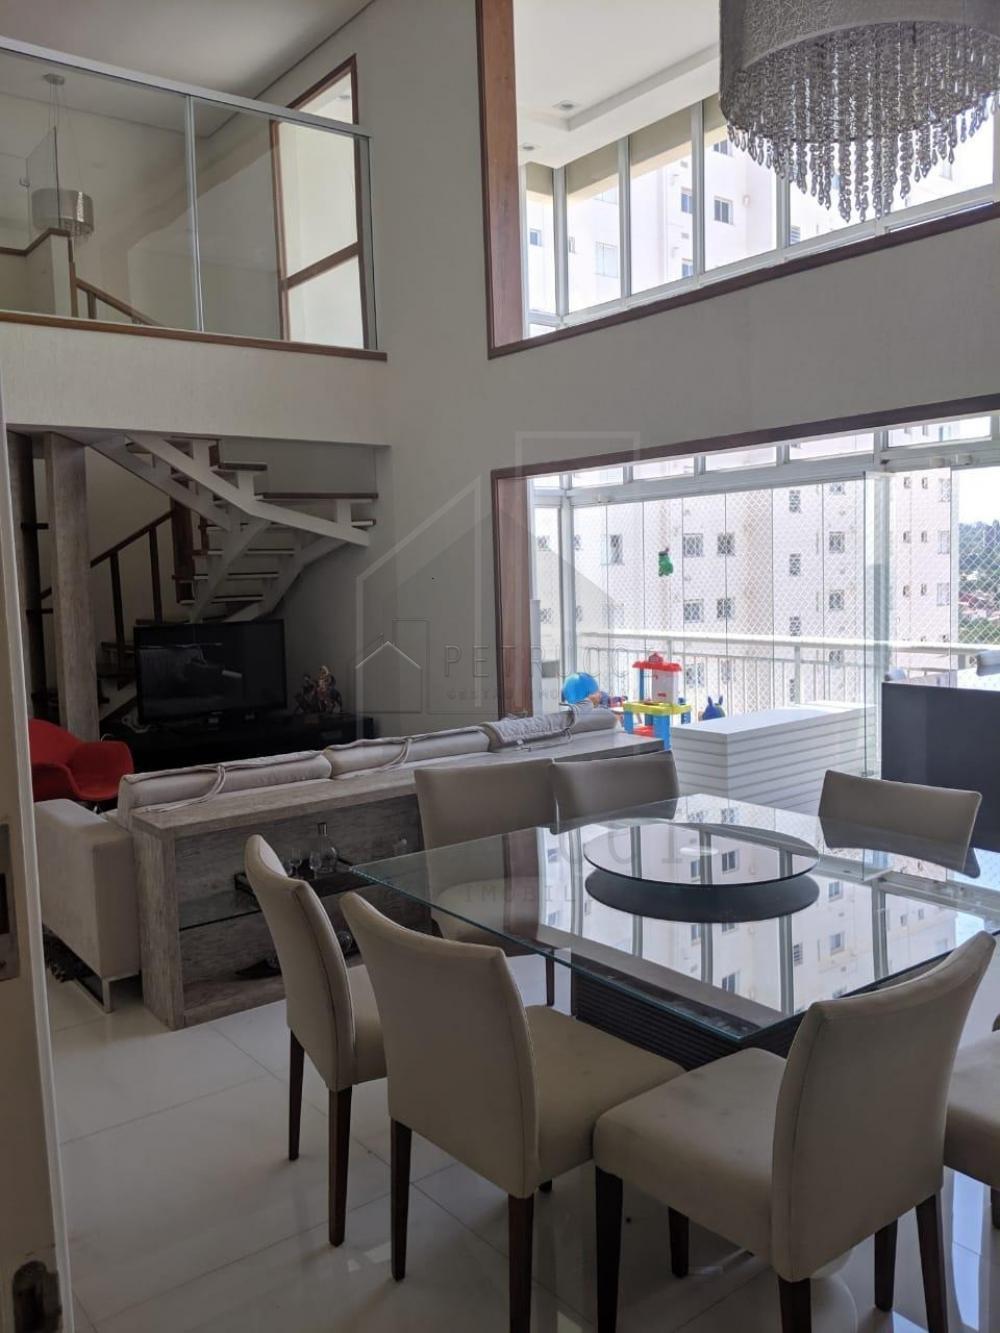 Campinas Apartamento Venda R$1.980.000,00 Condominio R$800,00 4 Dormitorios 4 Suites Area construida 240.00m2